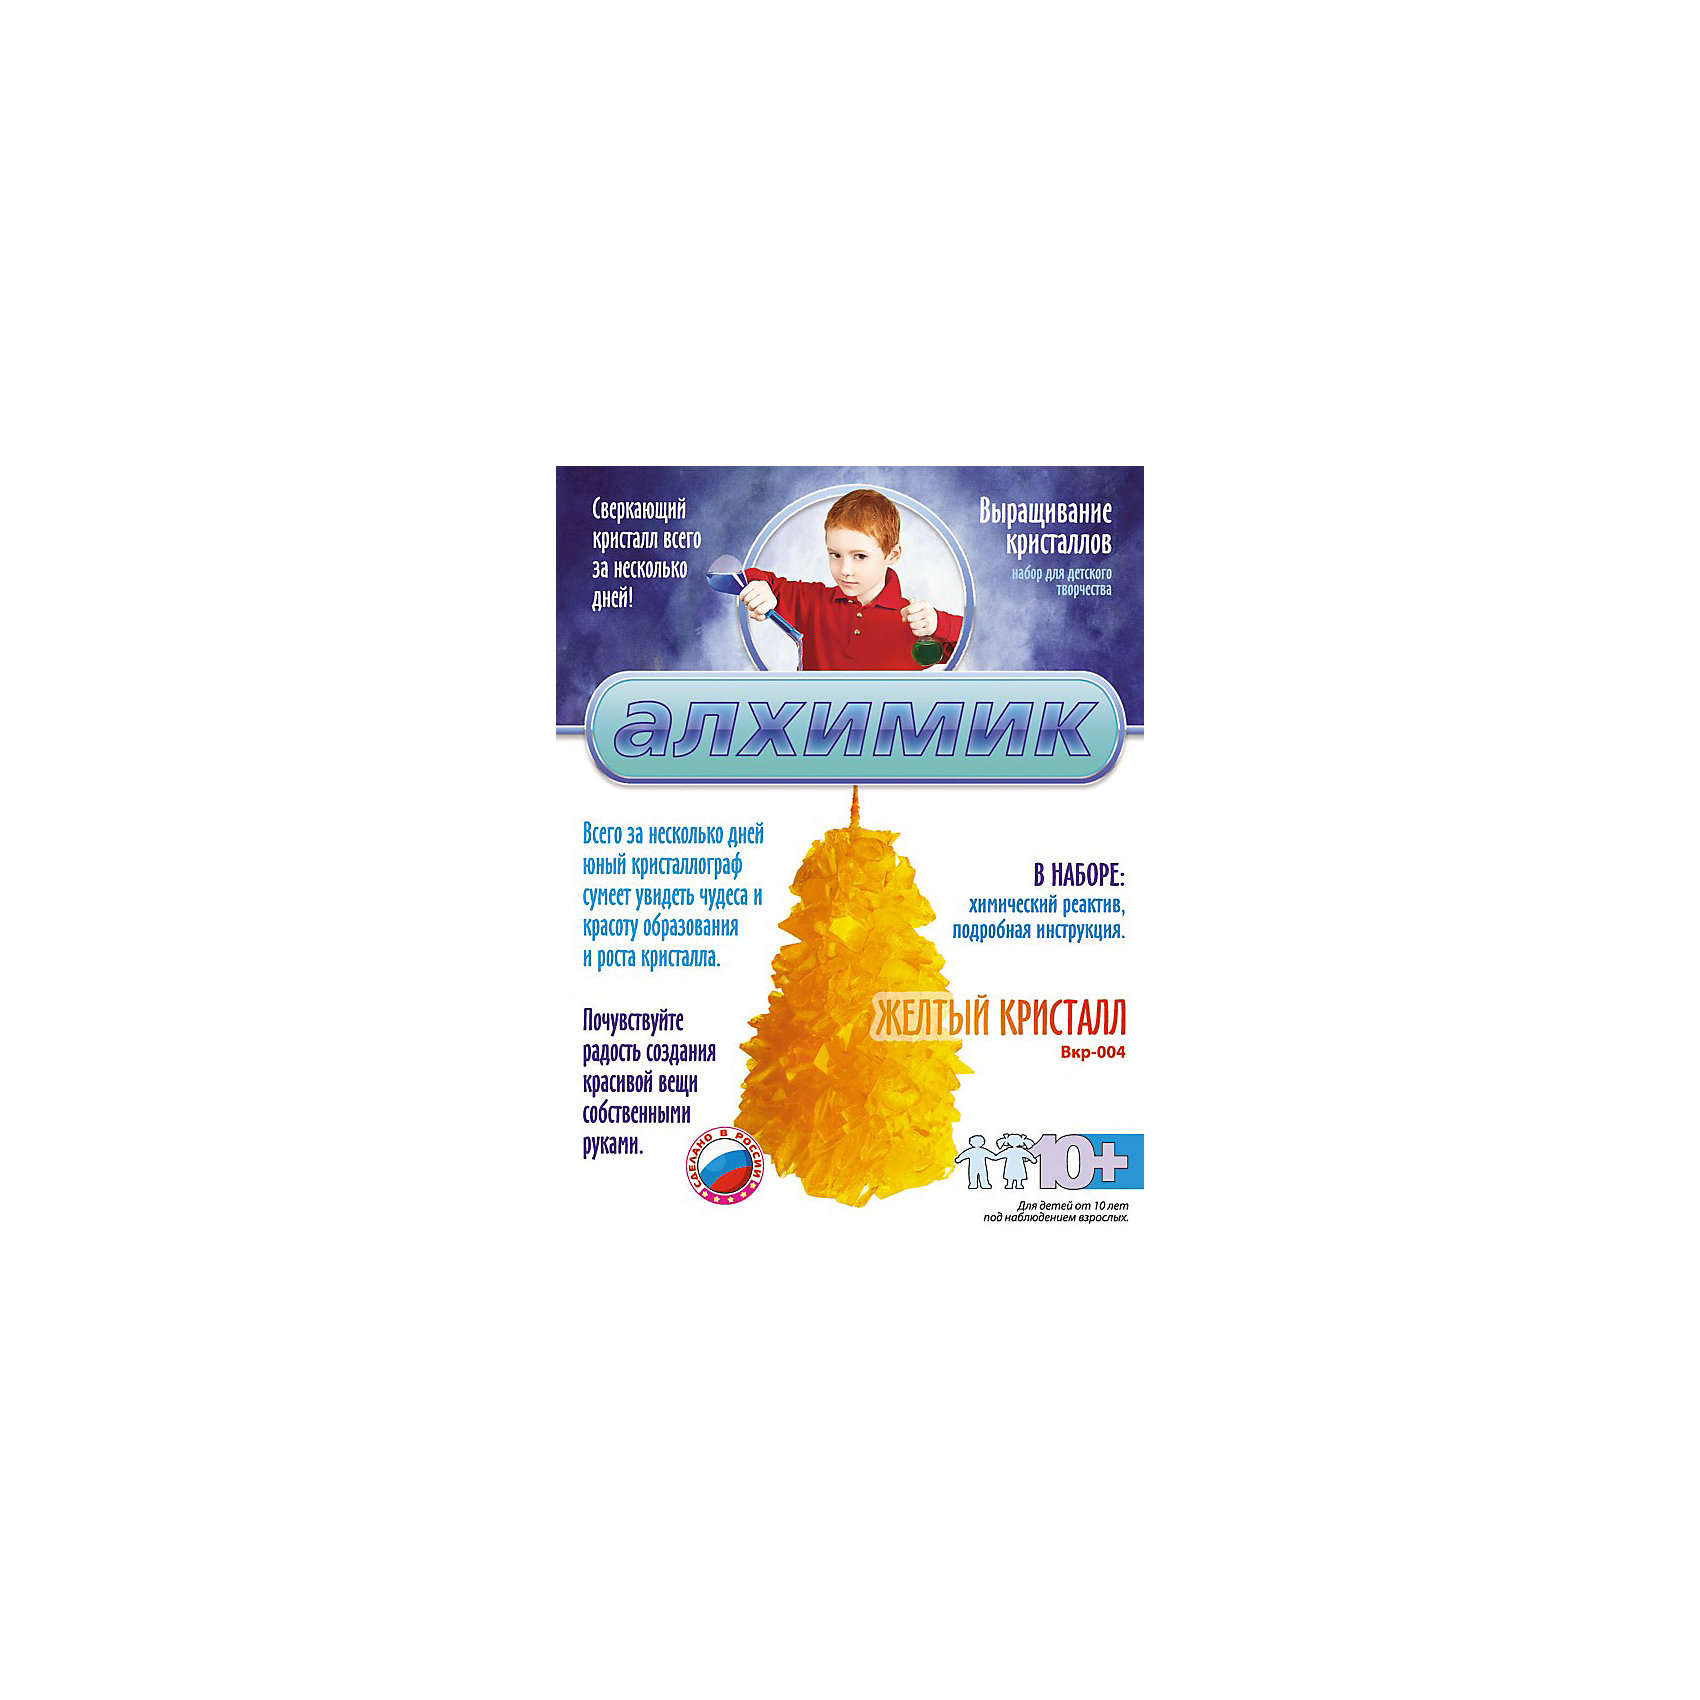 Выращивание кристаллов Желтый кристалл, LORIВыращивание кристаллов Желтый кристалл, LORI станет самым интересным занятием для Вашего малыша!<br>Выращивание кристаллов - самый массовый и самый популярный вид химических опытов для детей. С помощью данных наборов можно вырастить крупные кристаллы голубого, белого, малинового и желтого цвета. Суть выращивания в наблюдении кристаллизации вещества из насыщенного соляного раствора.<br><br>Дополнительная информация:<br><br>Размер: 155х120х45 мм.<br><br>Вес: 229 г.<br><br>Станет прекрасным развивающим подарком Вашему малышу!<br>Легко купить в нашем интернет-магазине!<br><br>Ширина мм: 155<br>Глубина мм: 120<br>Высота мм: 45<br>Вес г: 229<br>Возраст от месяцев: 120<br>Возраст до месяцев: 180<br>Пол: Унисекс<br>Возраст: Детский<br>SKU: 3376765